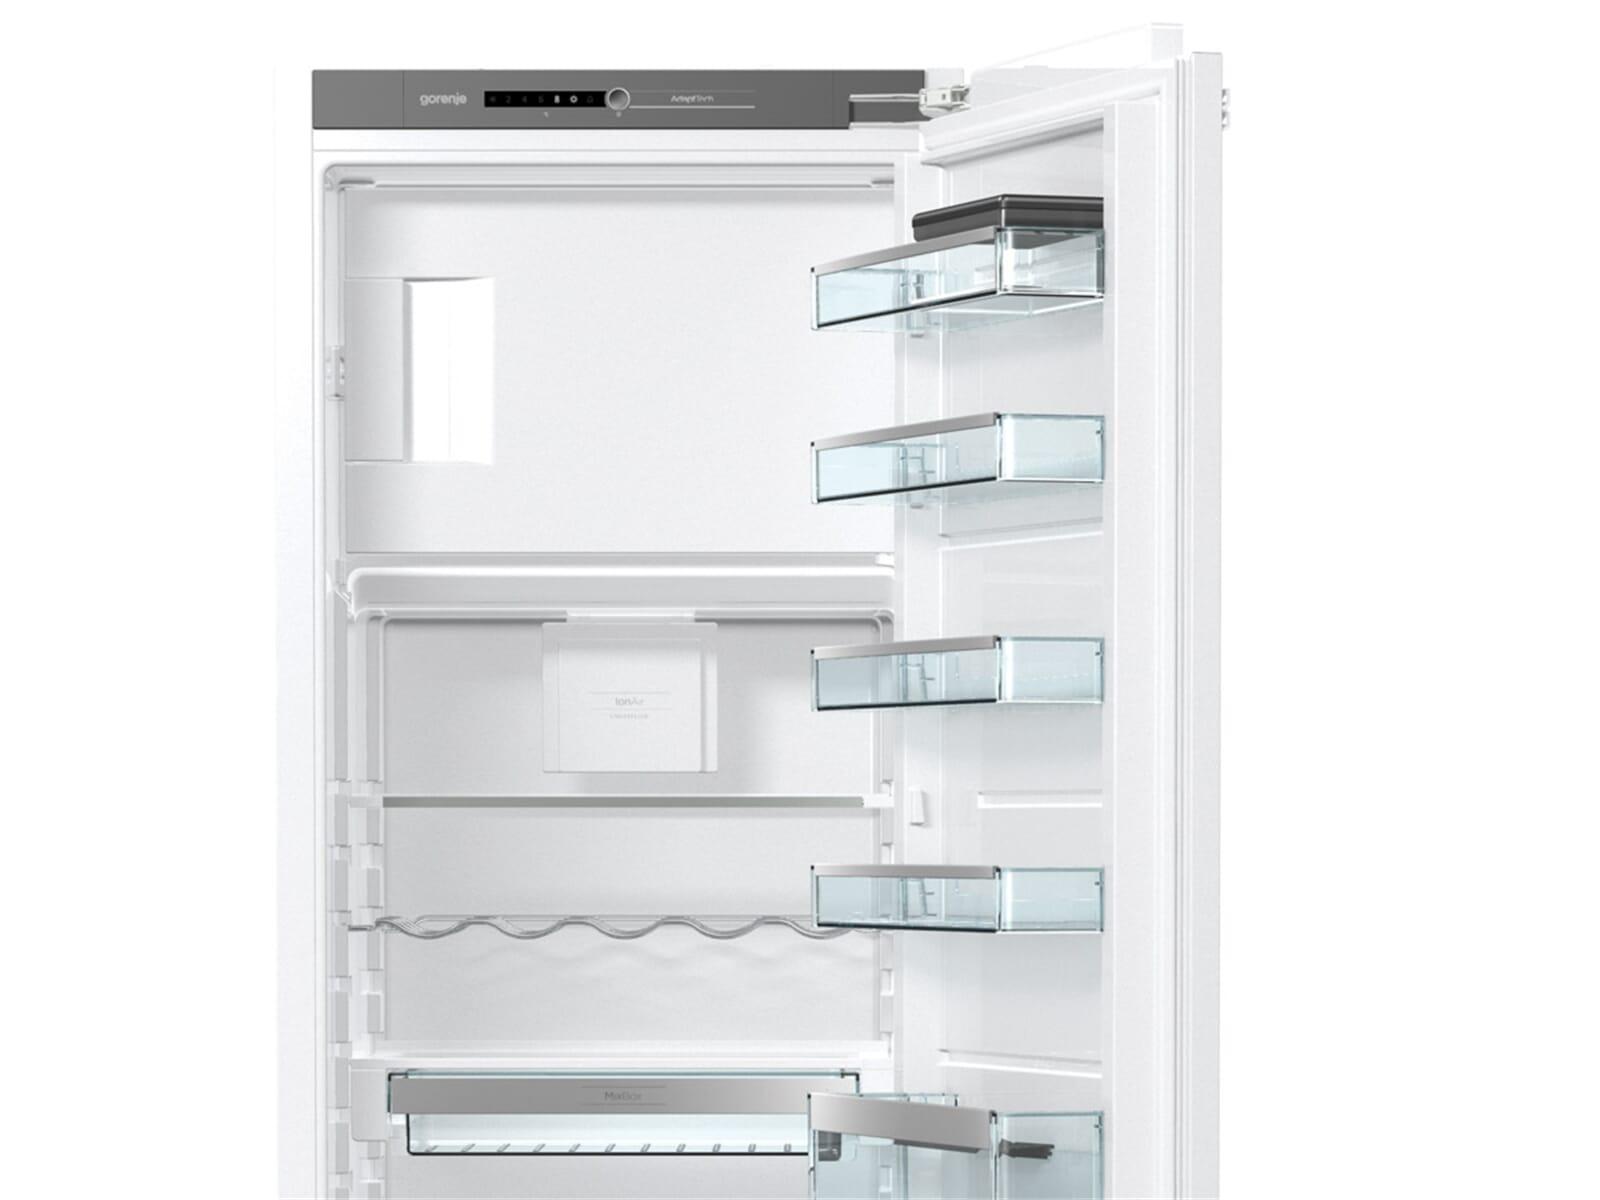 Gorenje Kühlschrank Bedienungsanleitung : Gorenje kühlschrank r lx bedienungsanleitung gorenje r bx